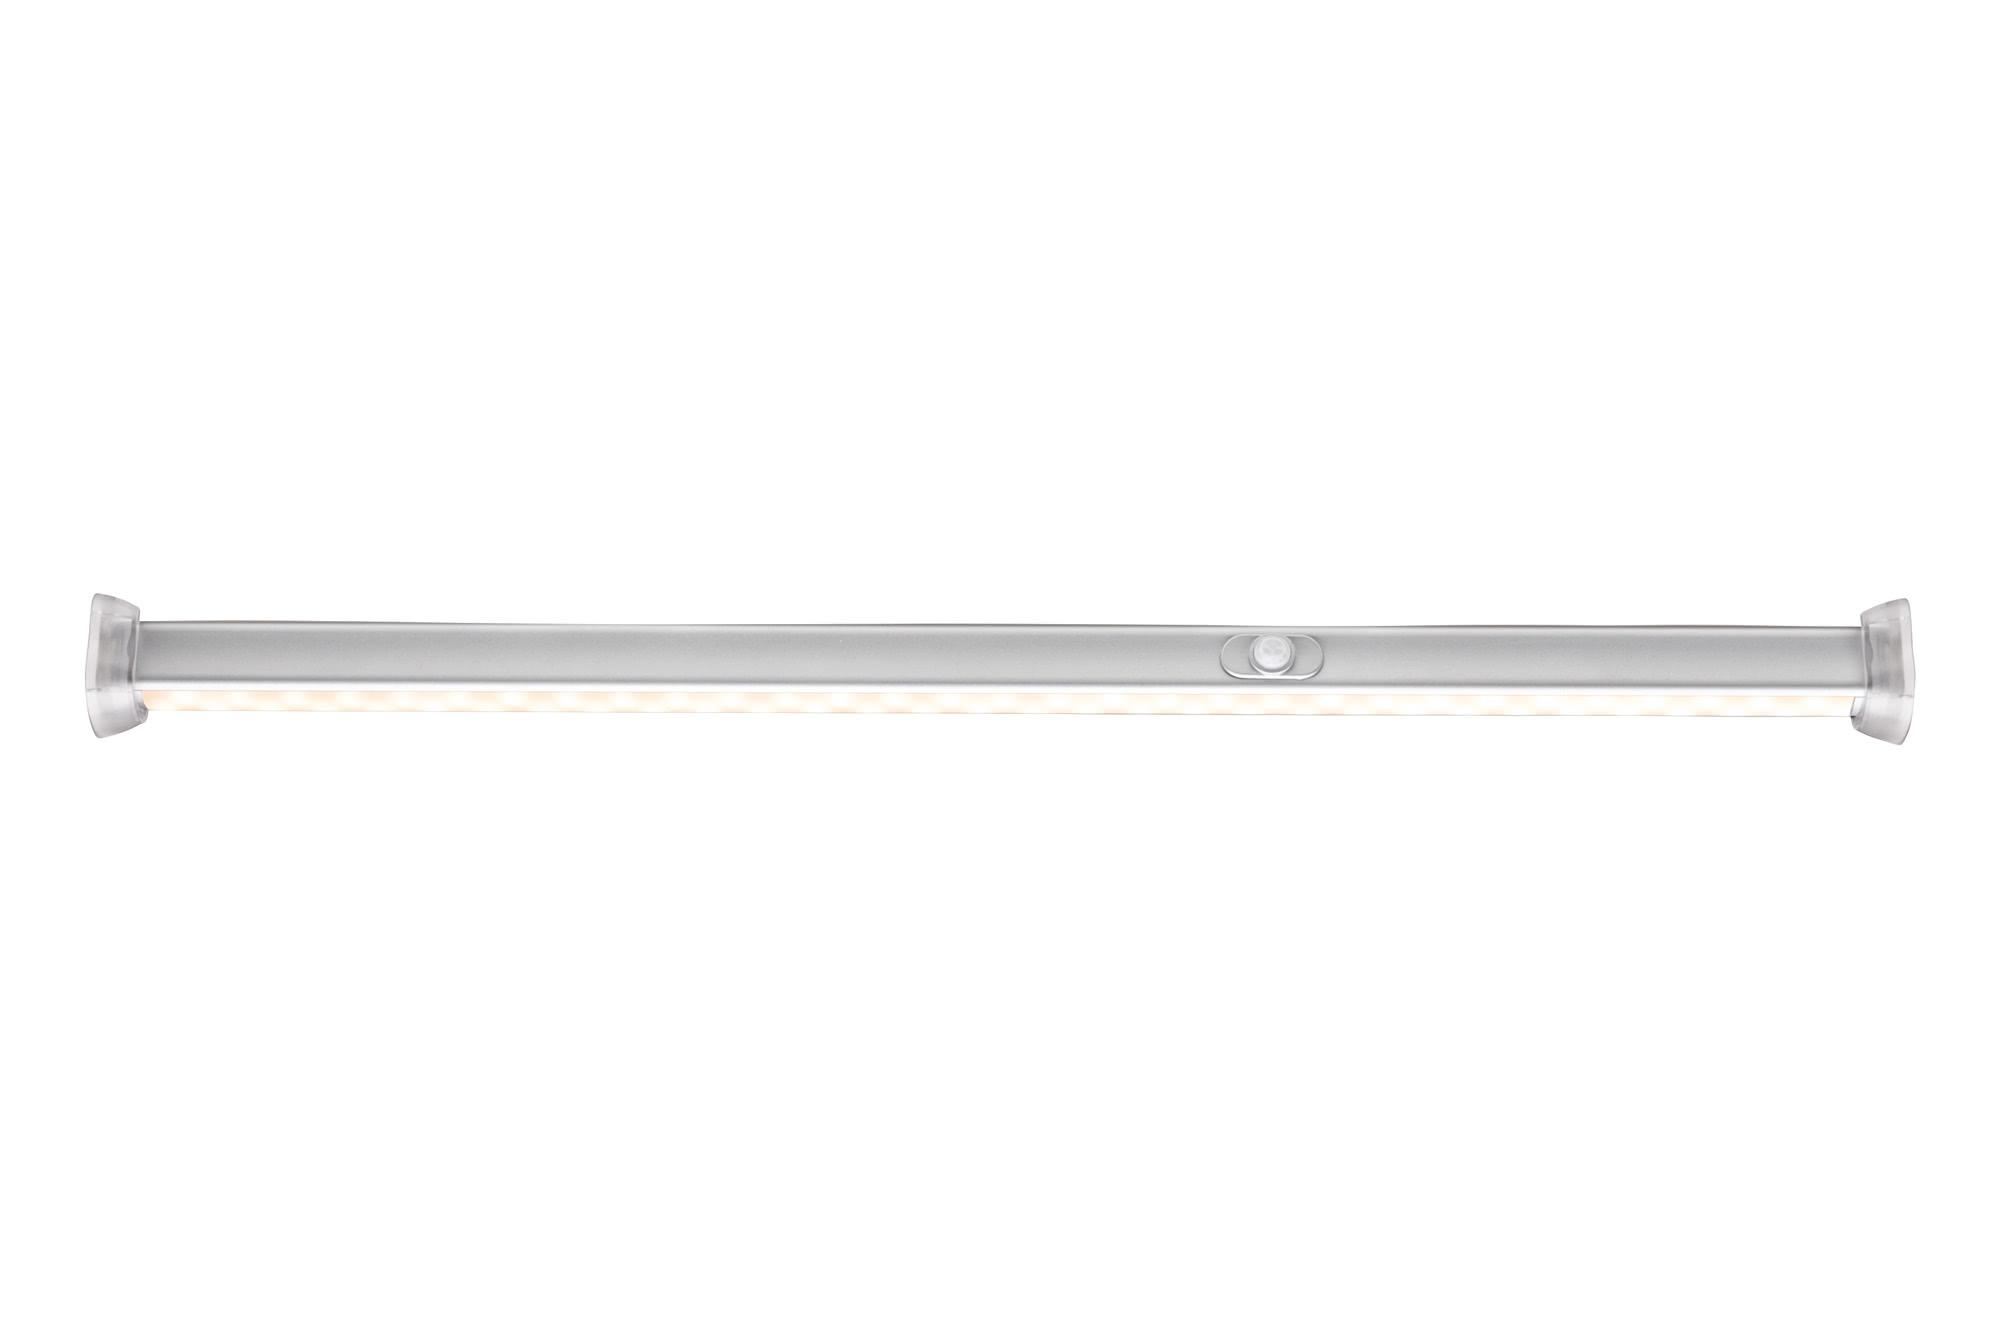 Paulmann. 70403 FN DressLight Kleiderstange 7W LED Alu m